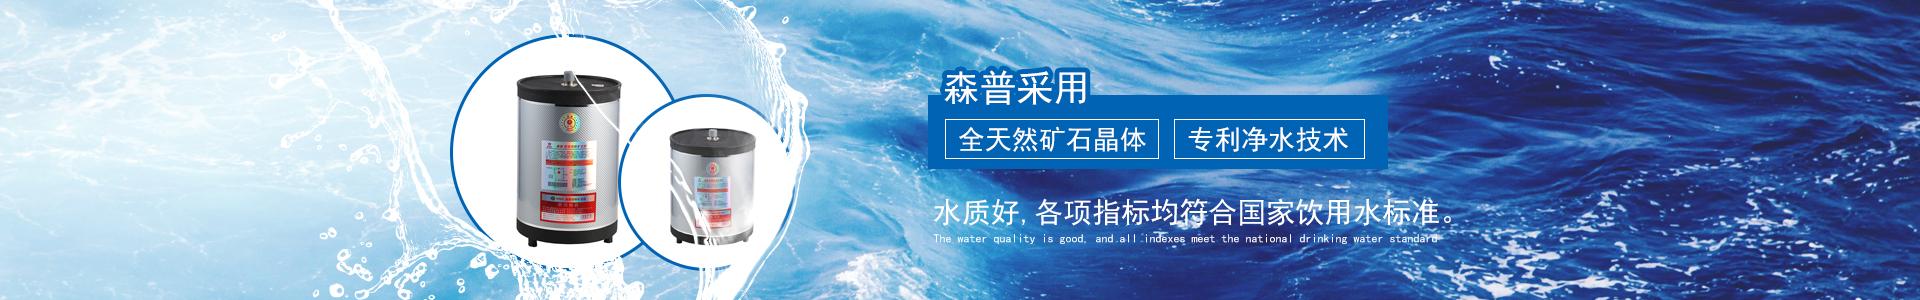 重庆净水器